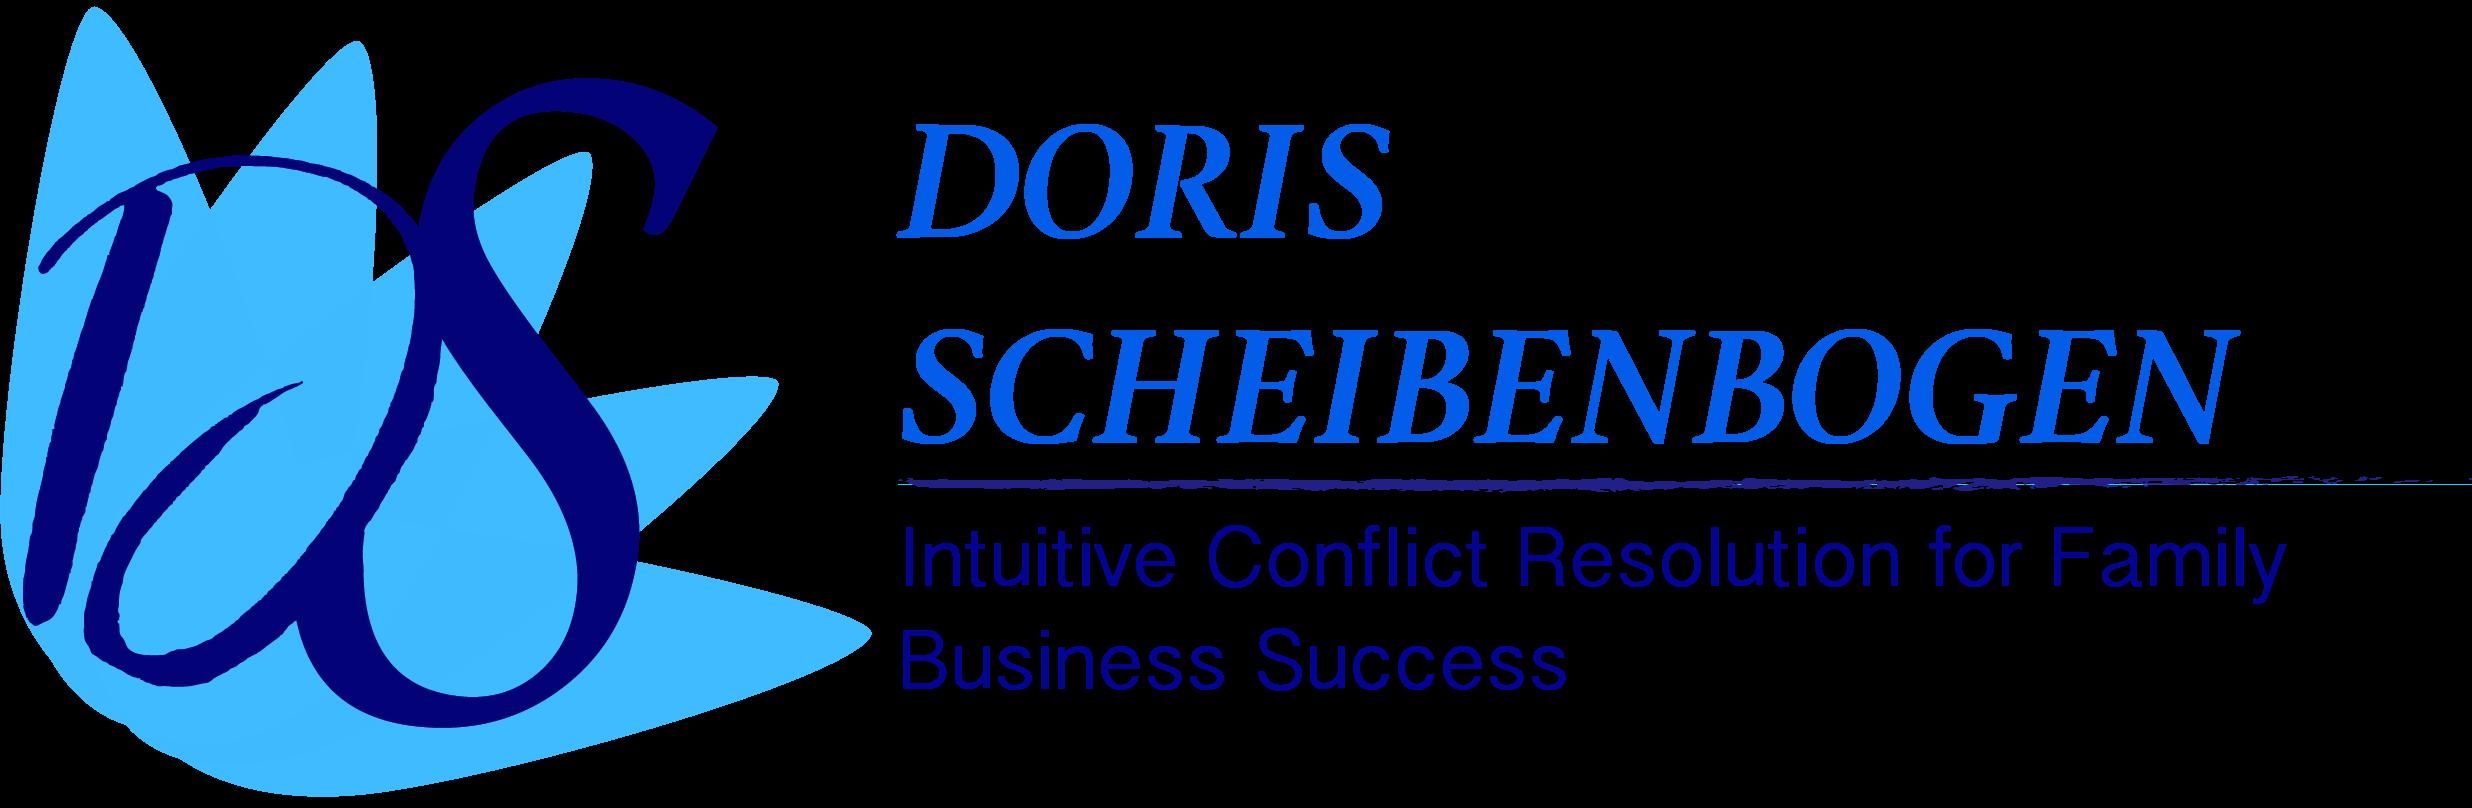 Doris Scheibenbogen